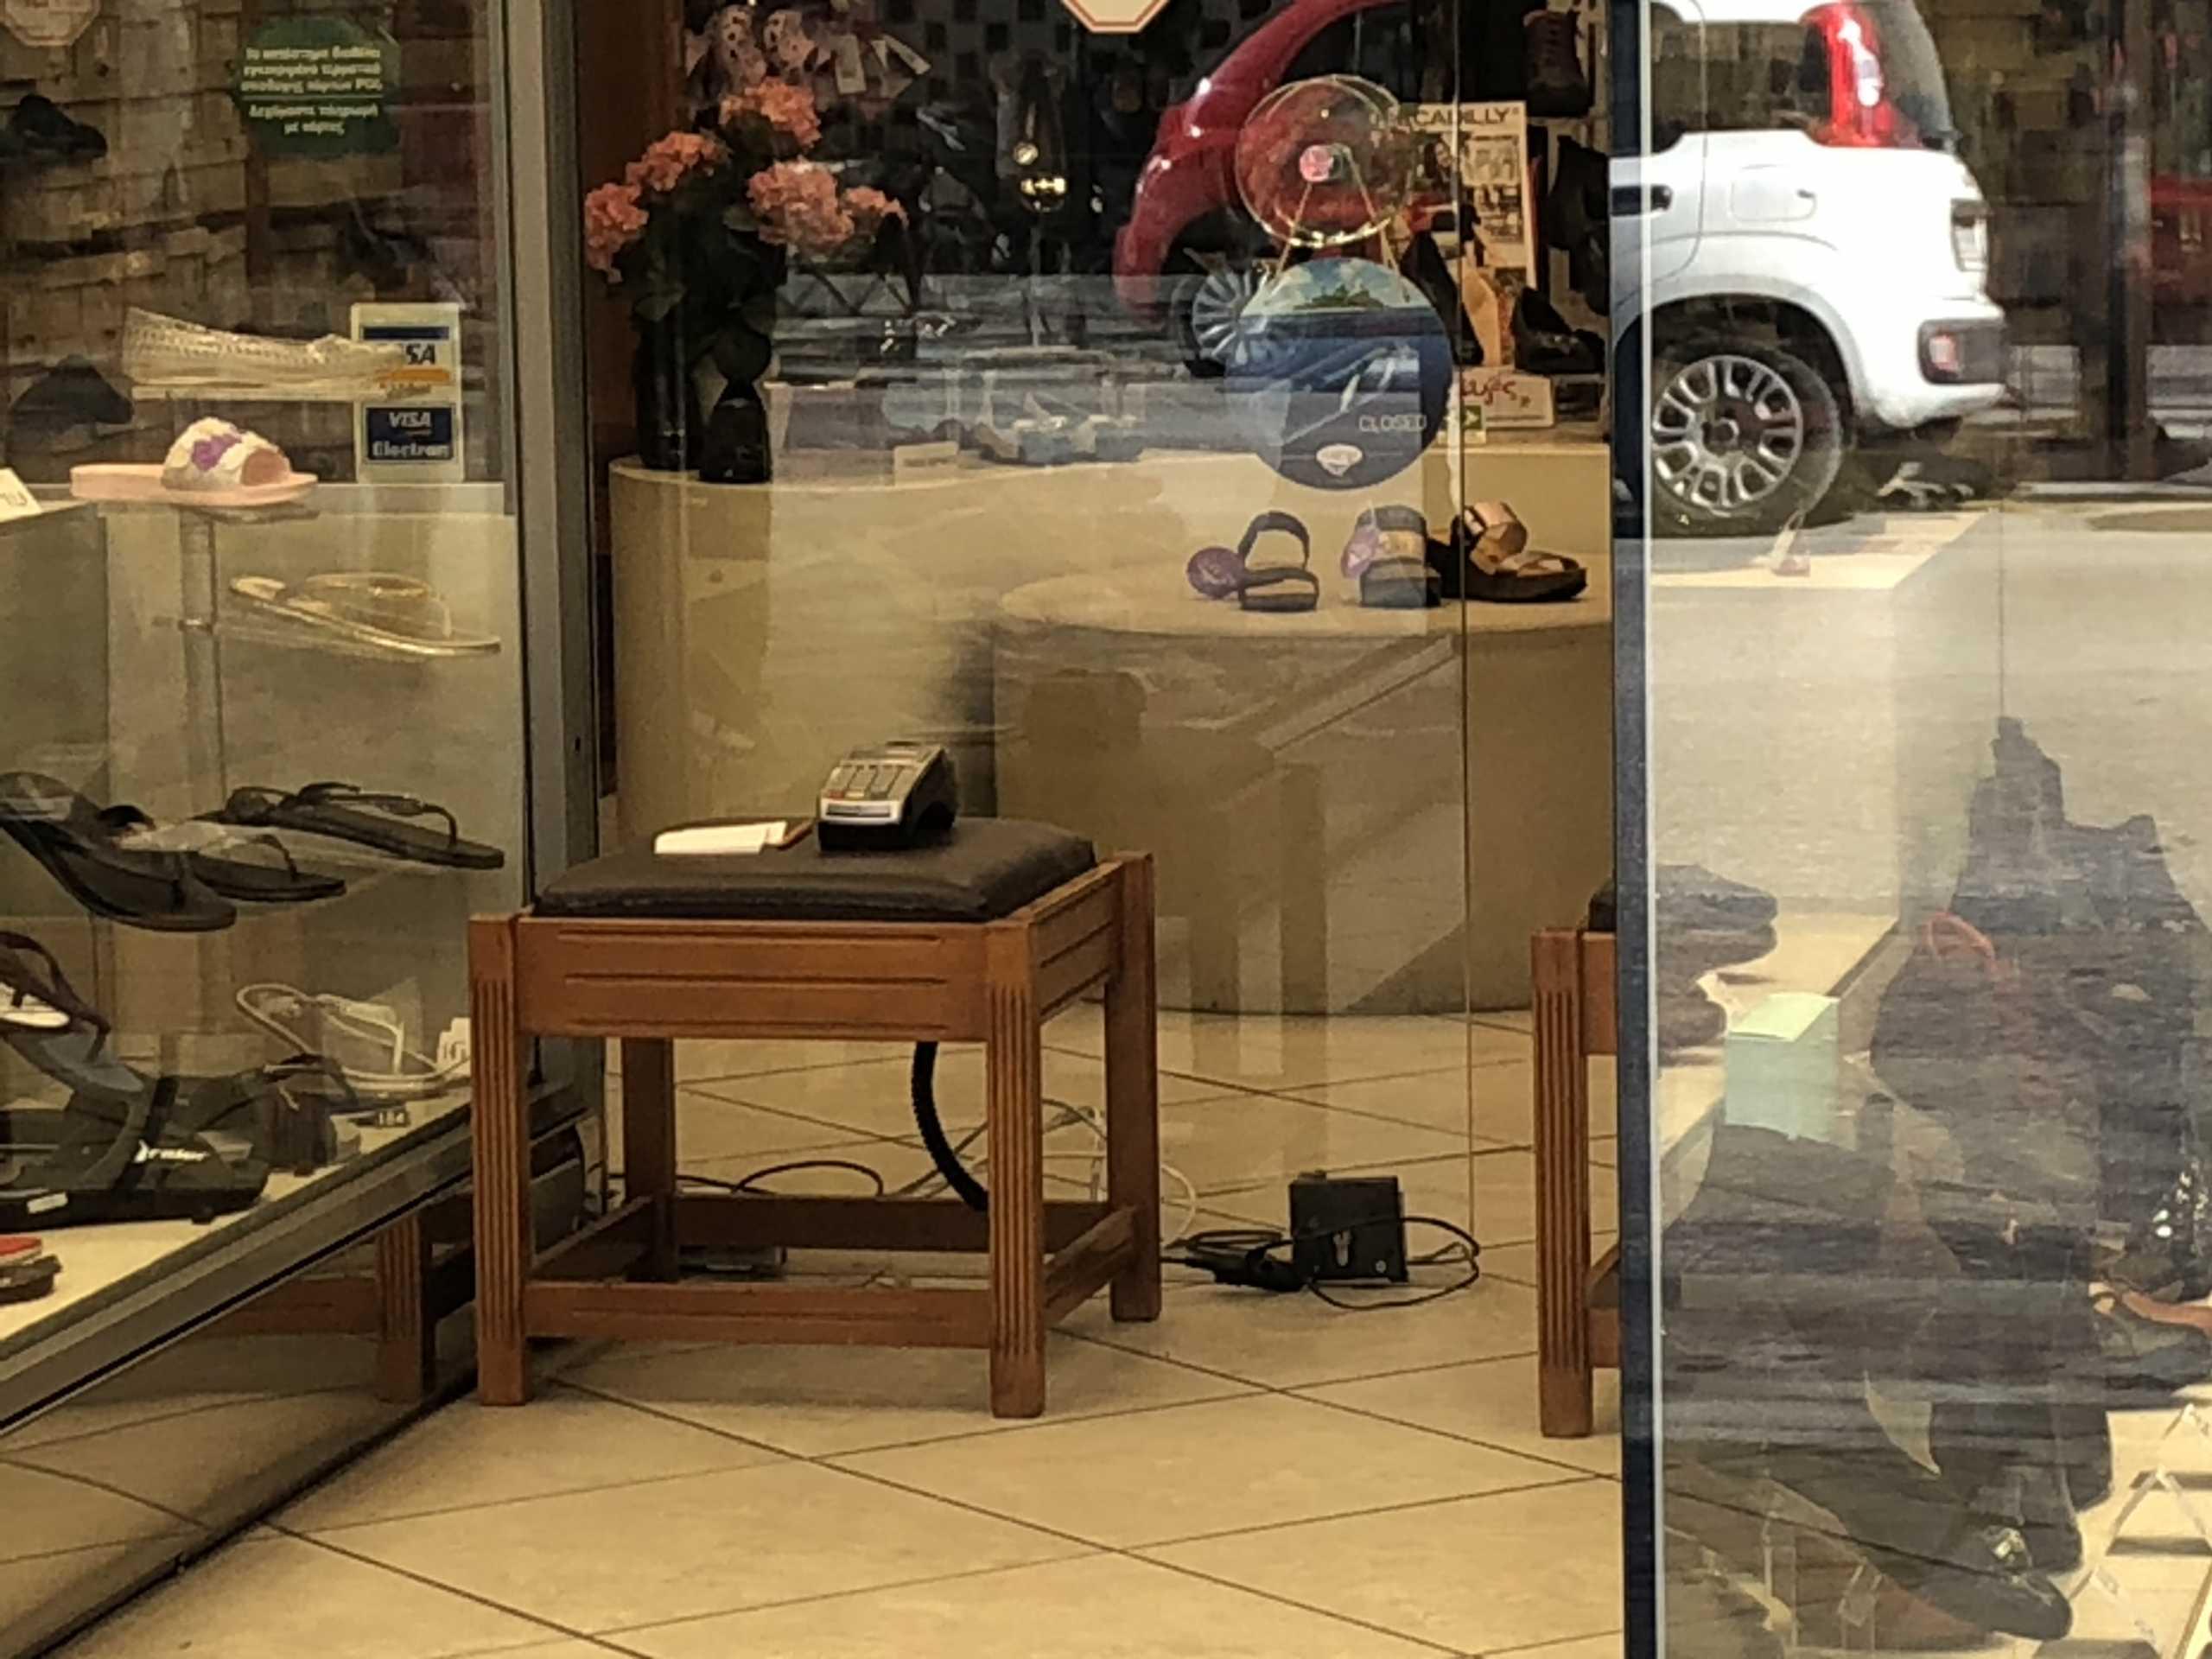 Θεσσαλονίκη: Άνοιξαν τα καταστήματα και επαληθεύτηκαν στην πράξη οι φόβοι των ιδιοκτητών (pics)